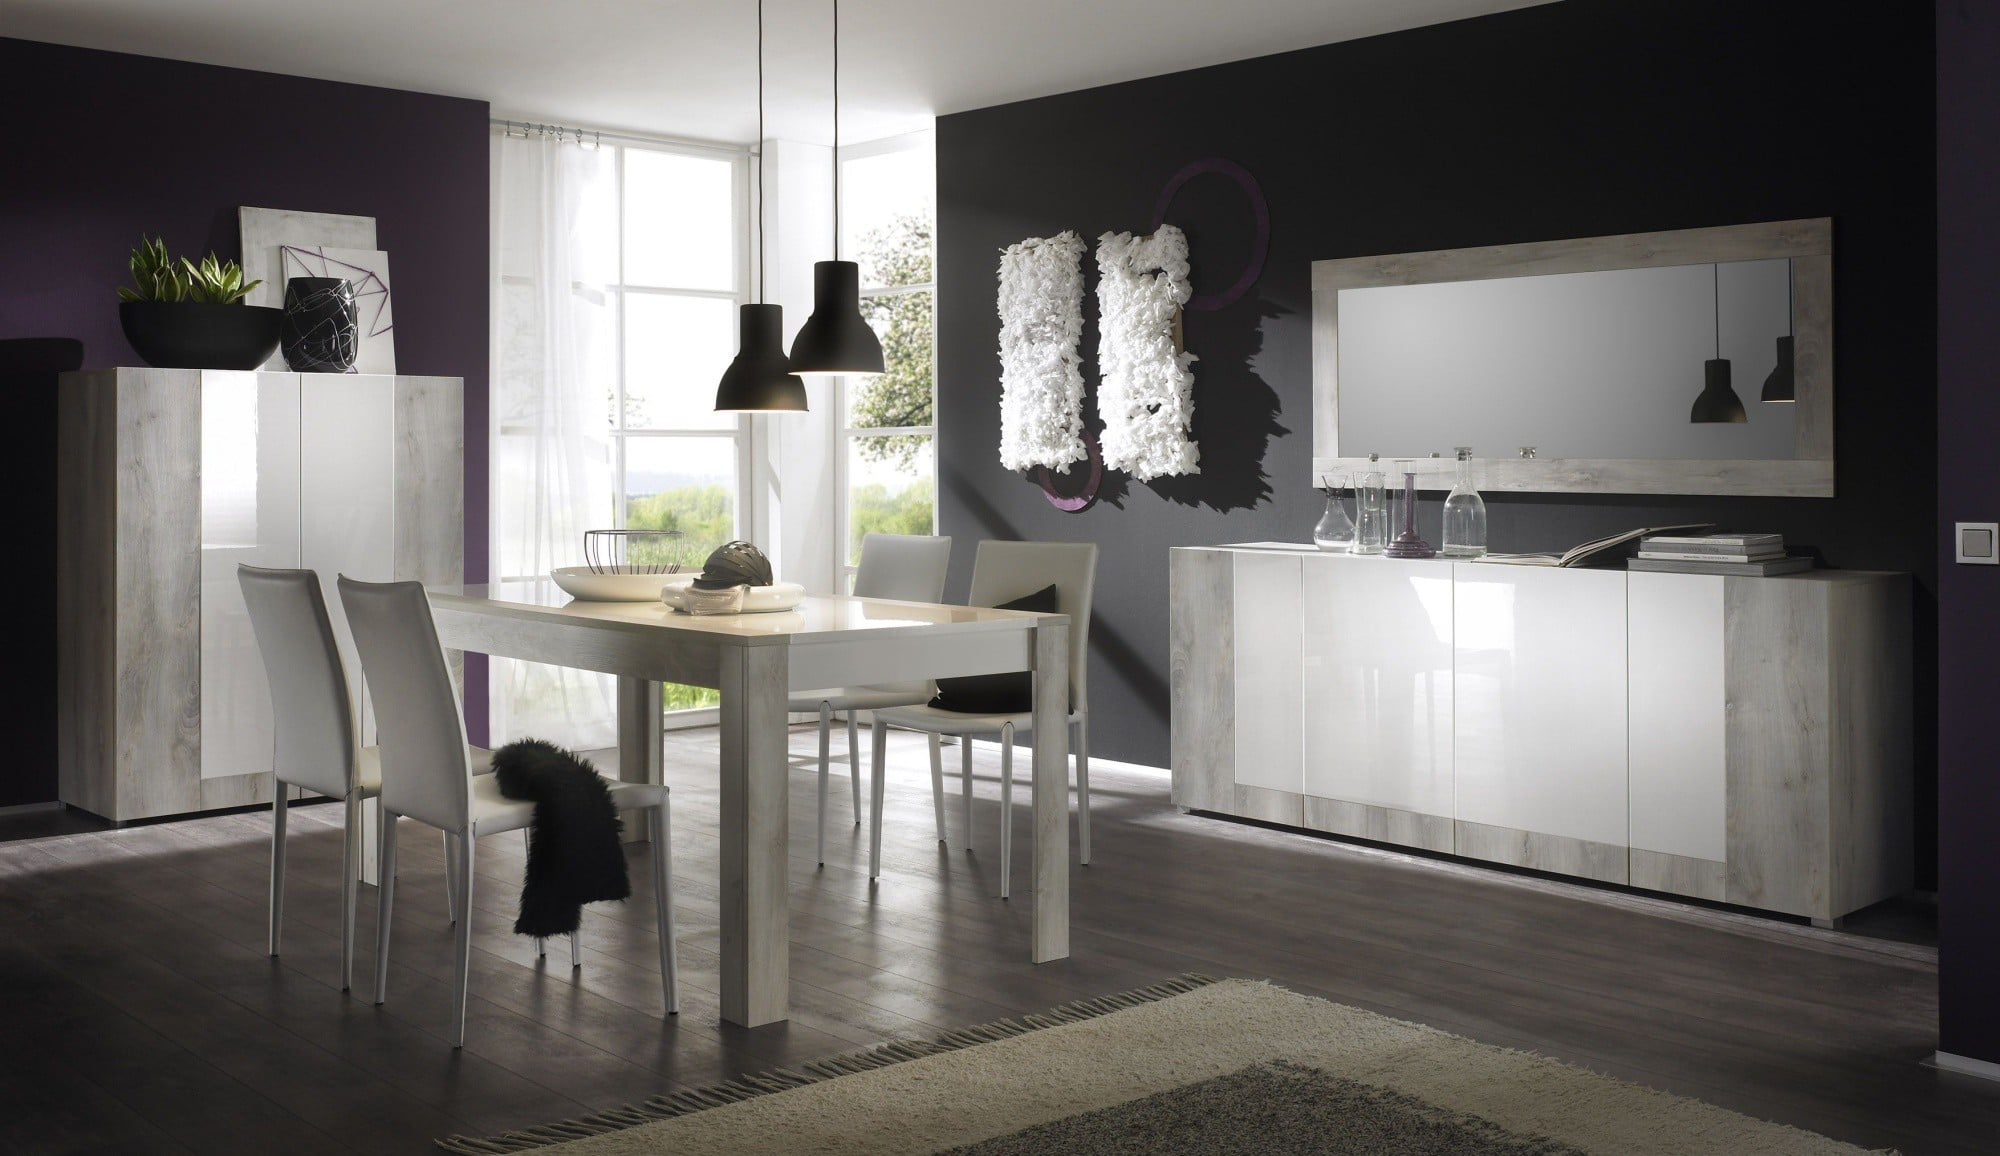 Tendance pour les salle à manger ! - Le blog Matelpro.com